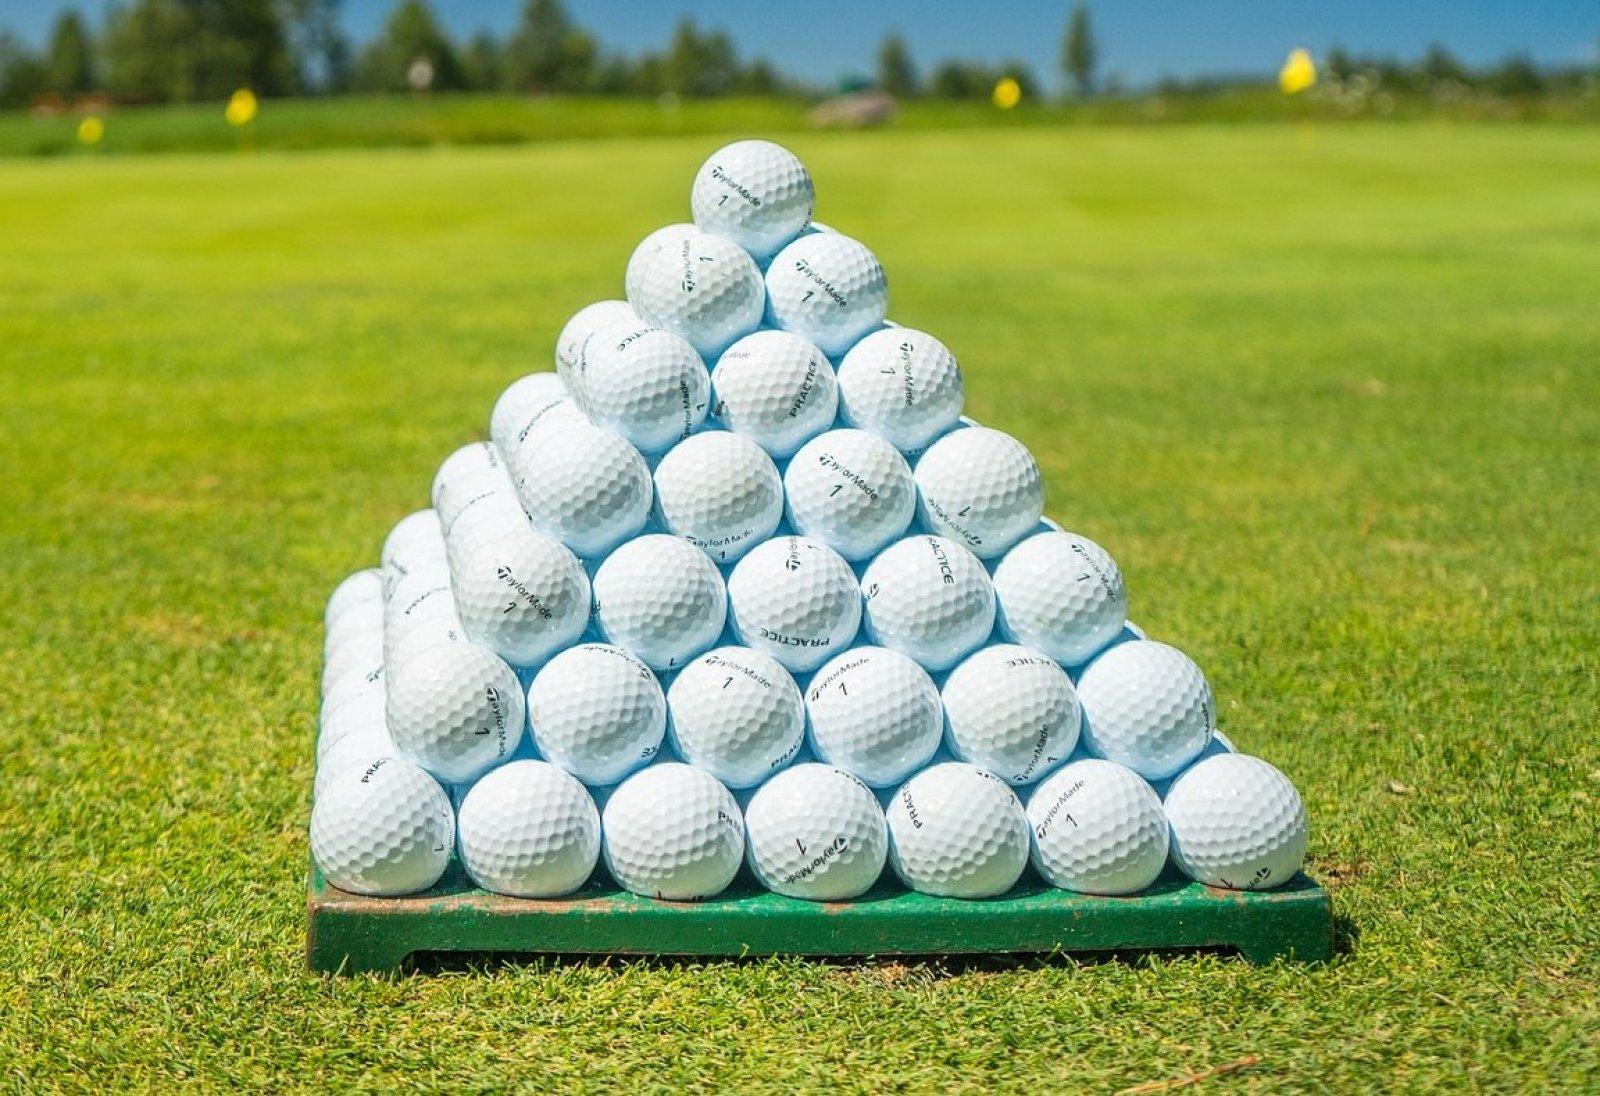 Maak kennis met golf - Overnachten in Brabant en Dagje Golf inclusief les